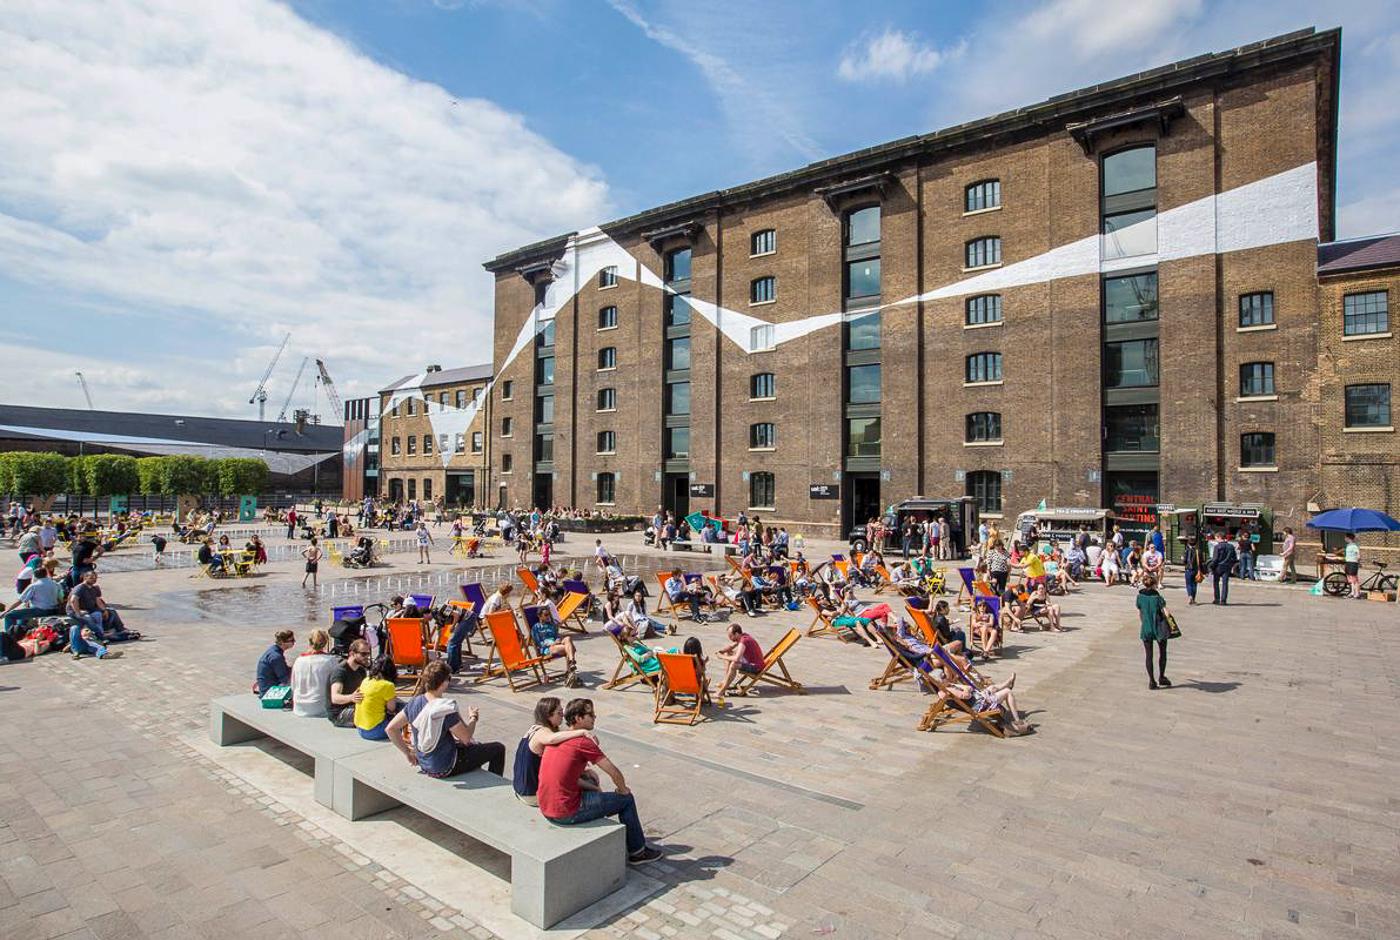 Grand terre-plein ensoleillé de Granary Square à Londres. Gens dans des chaises longues colorées. Immeuble en briques avec une bande blanche peinte